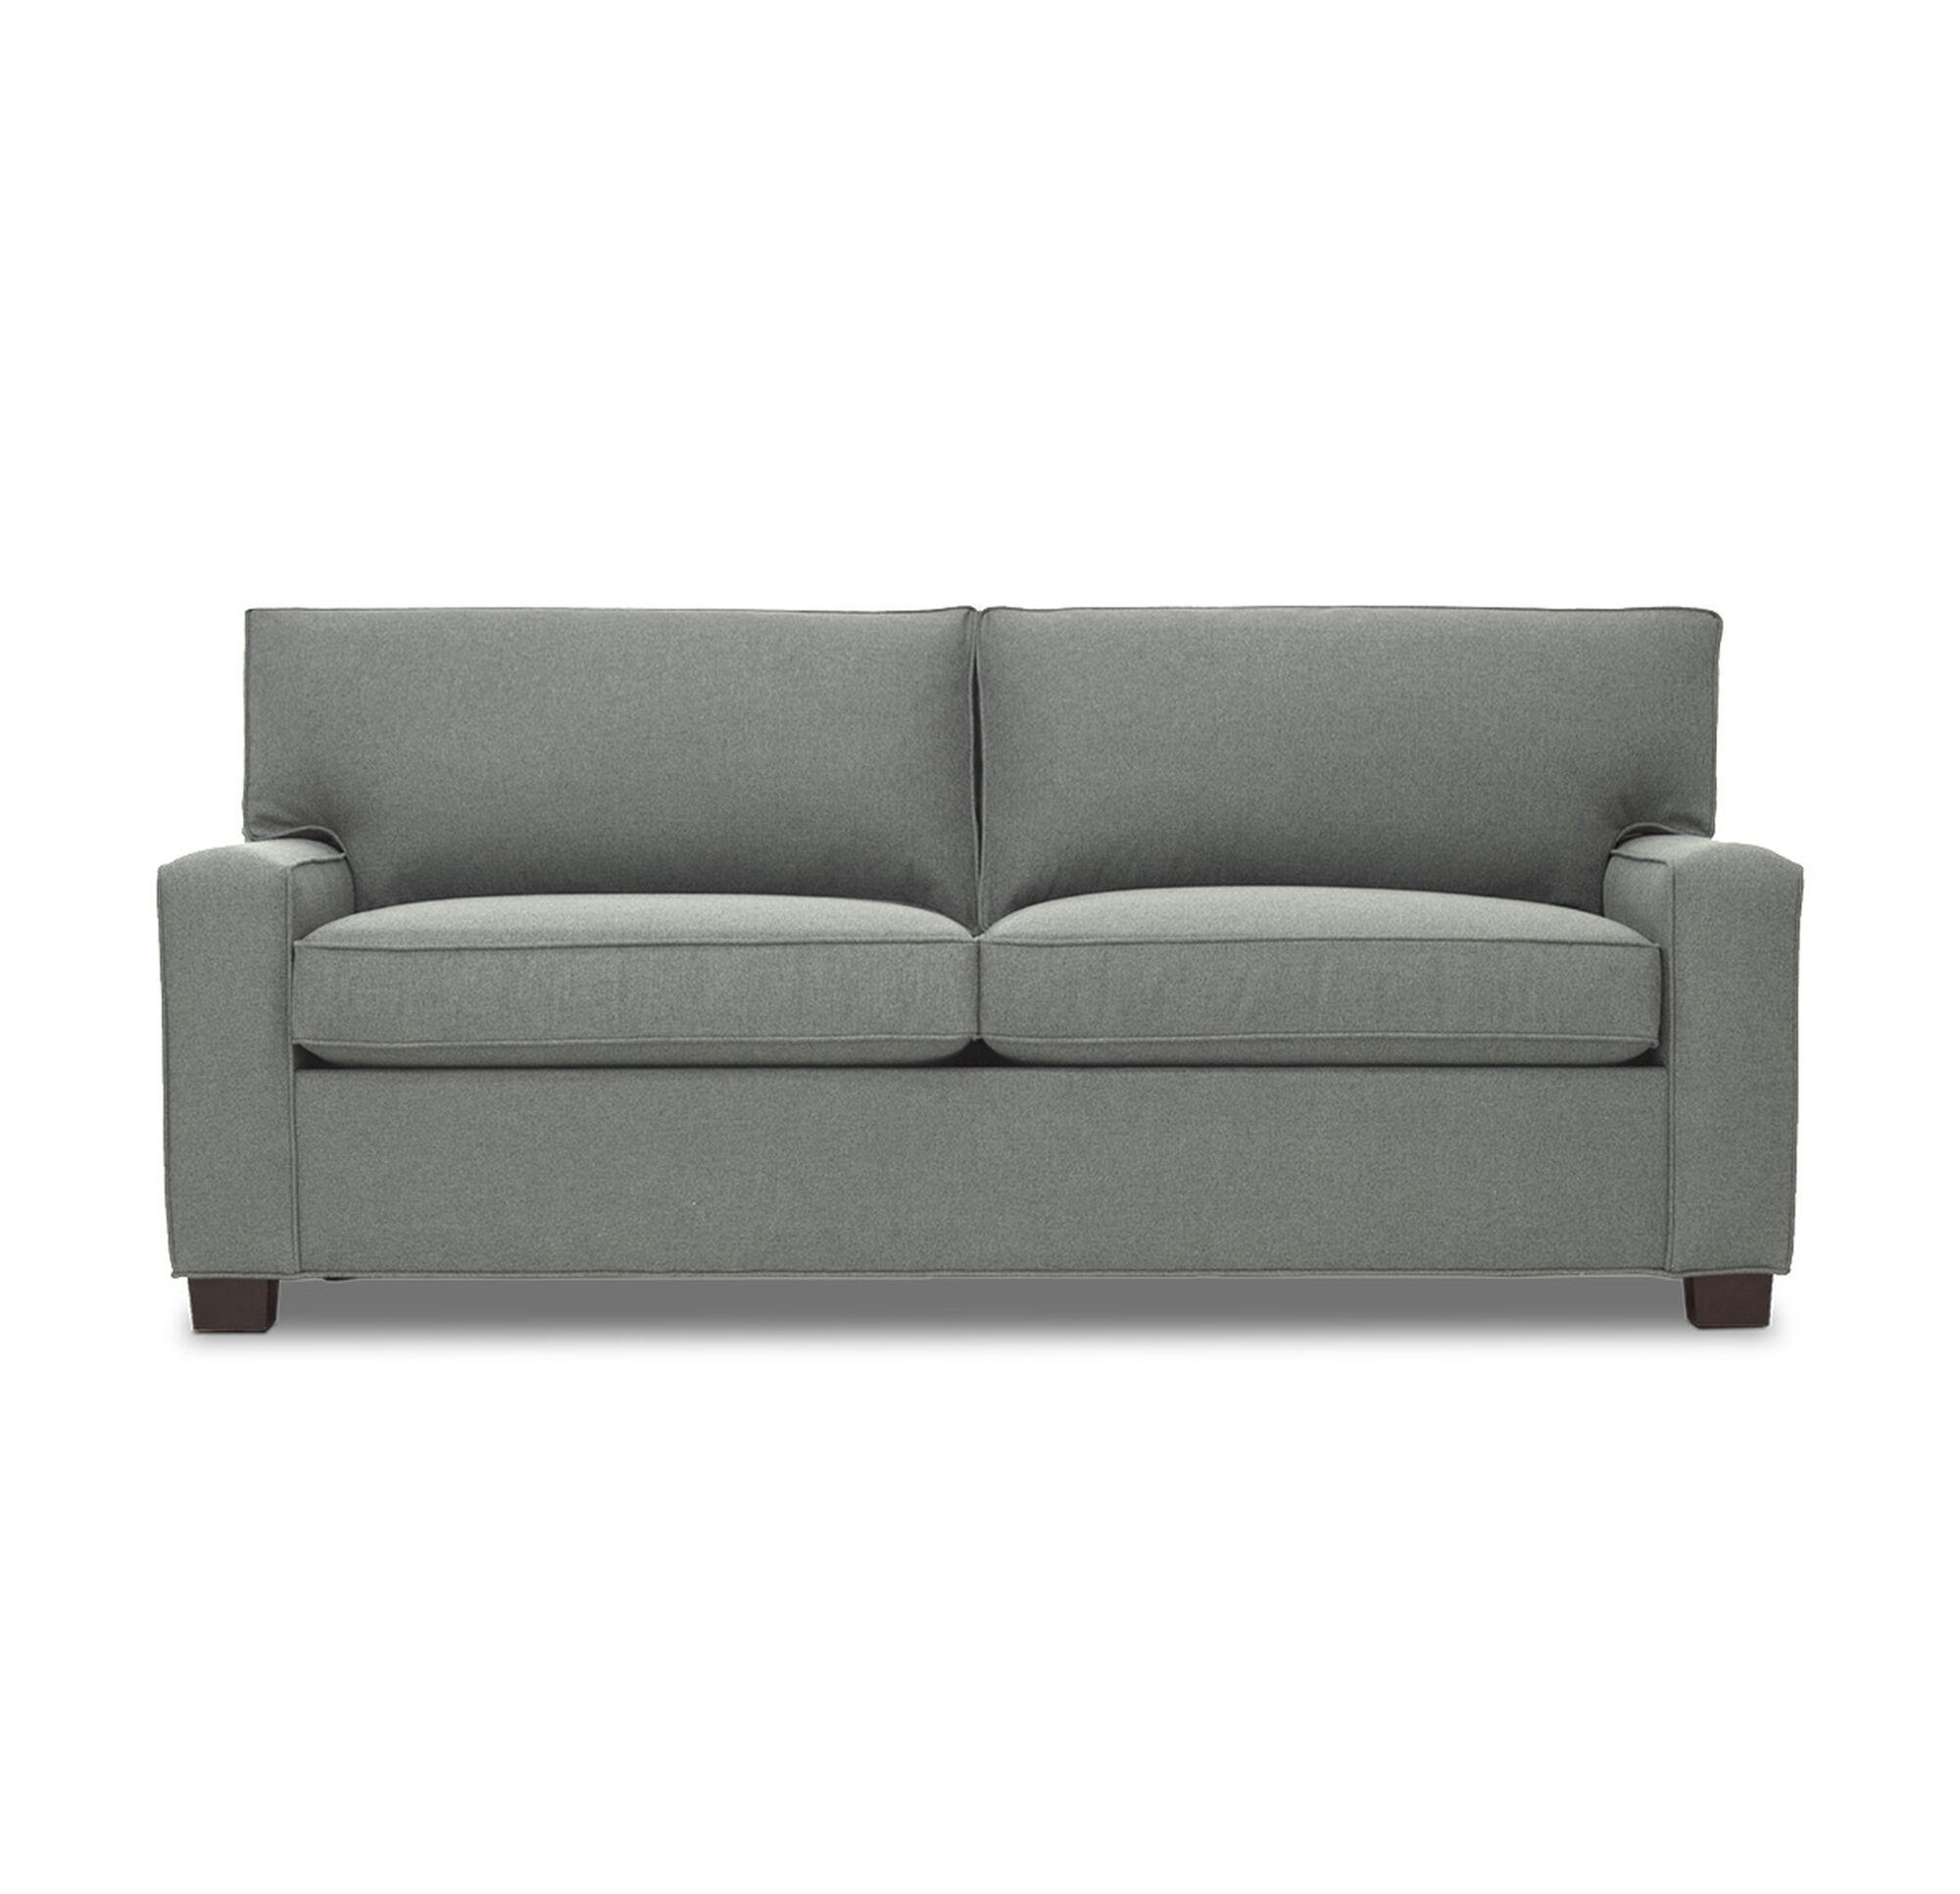 alex super luxe queen sleeper sofa